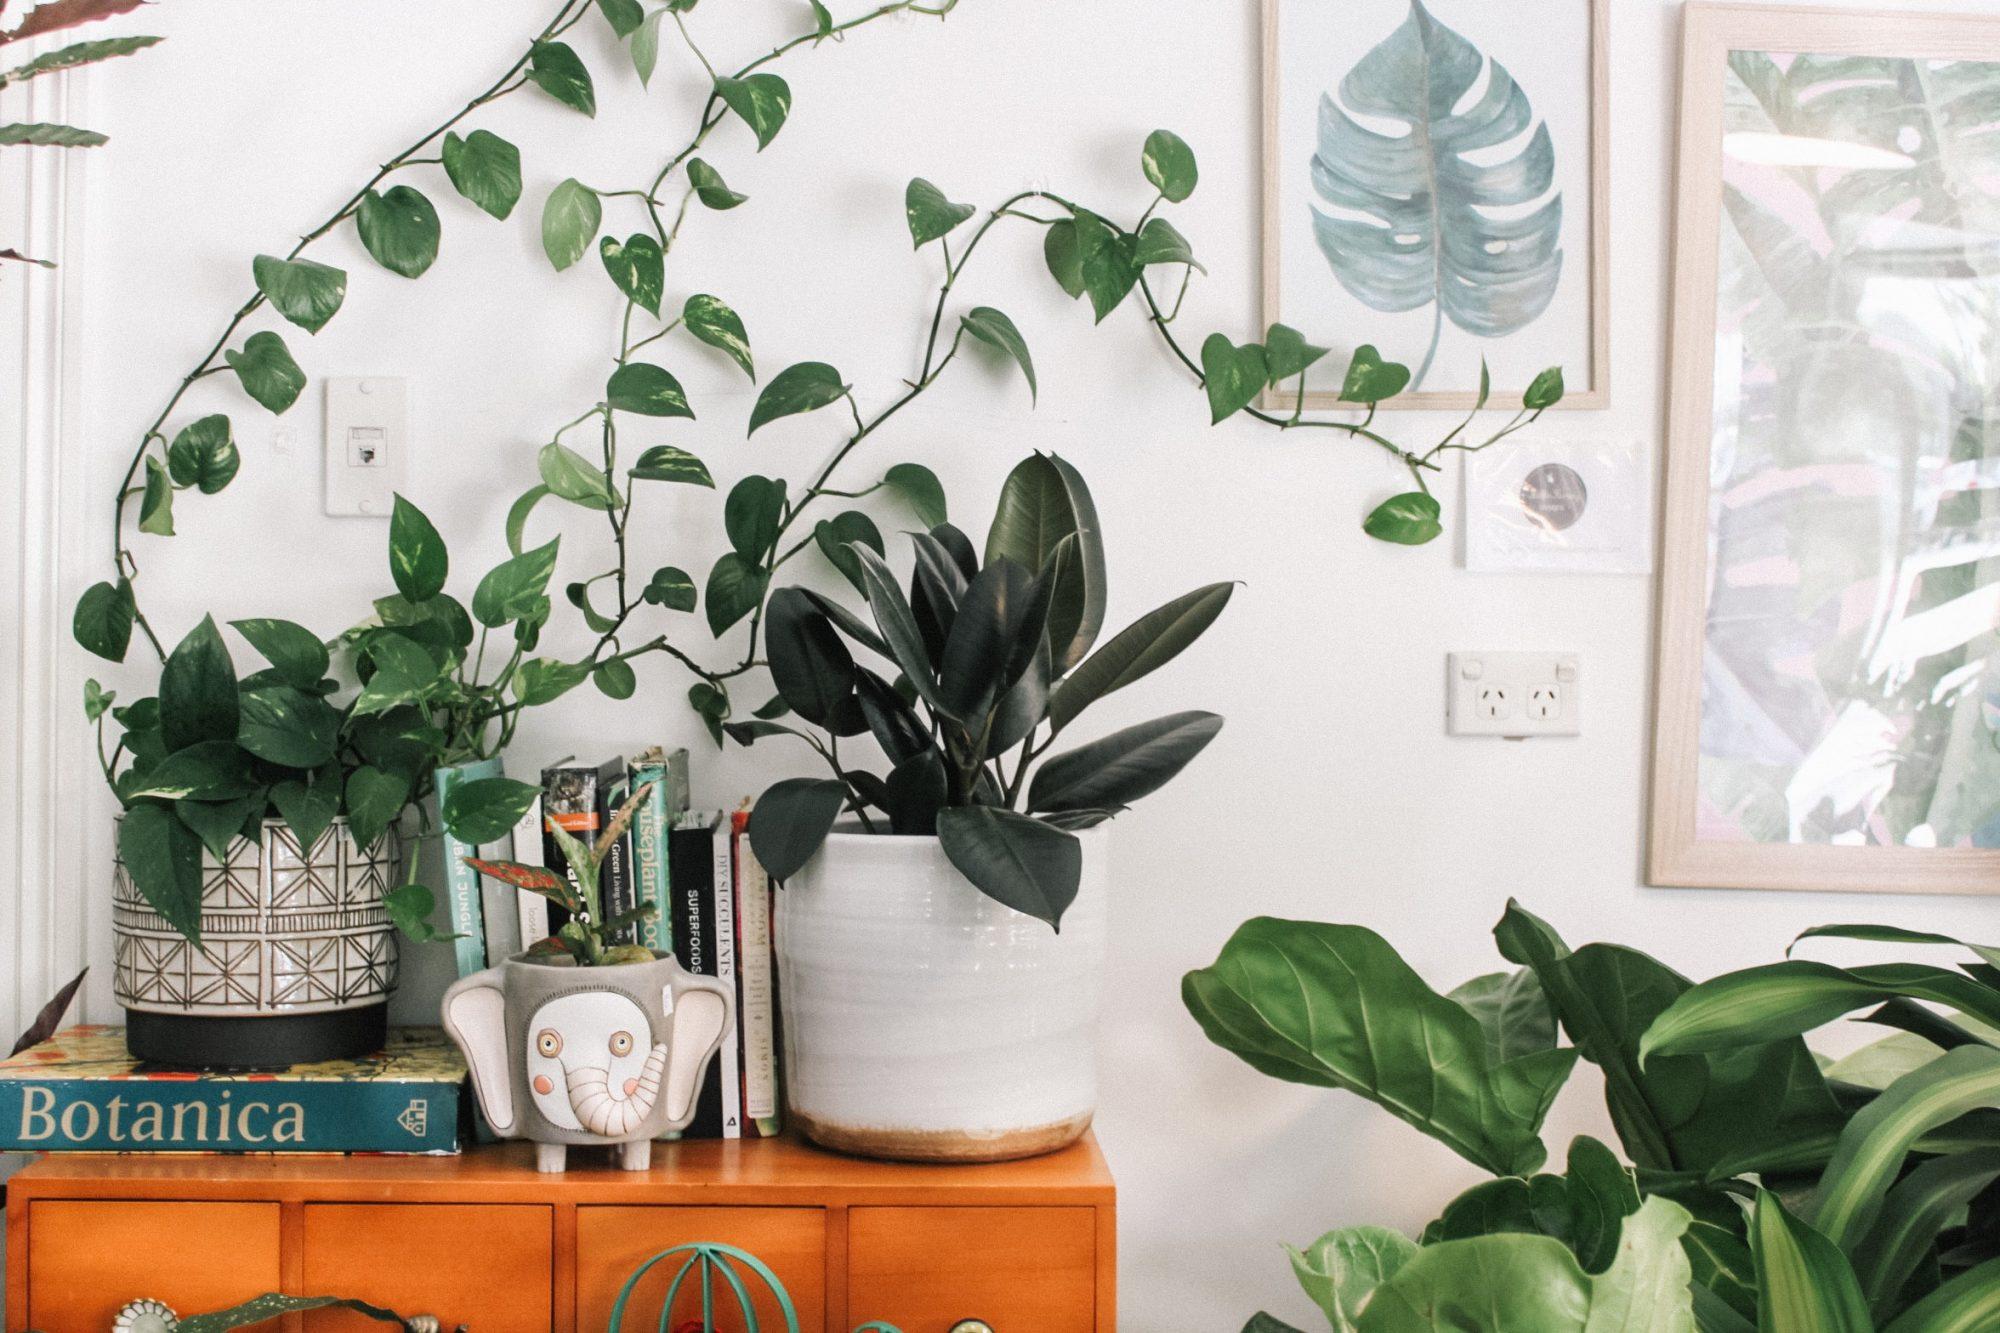 Γιατί ξεραίνονται τα φυτά μου και πώς θα τα σώσω; Εμείς θα σου πούμε που ξέρουμε!